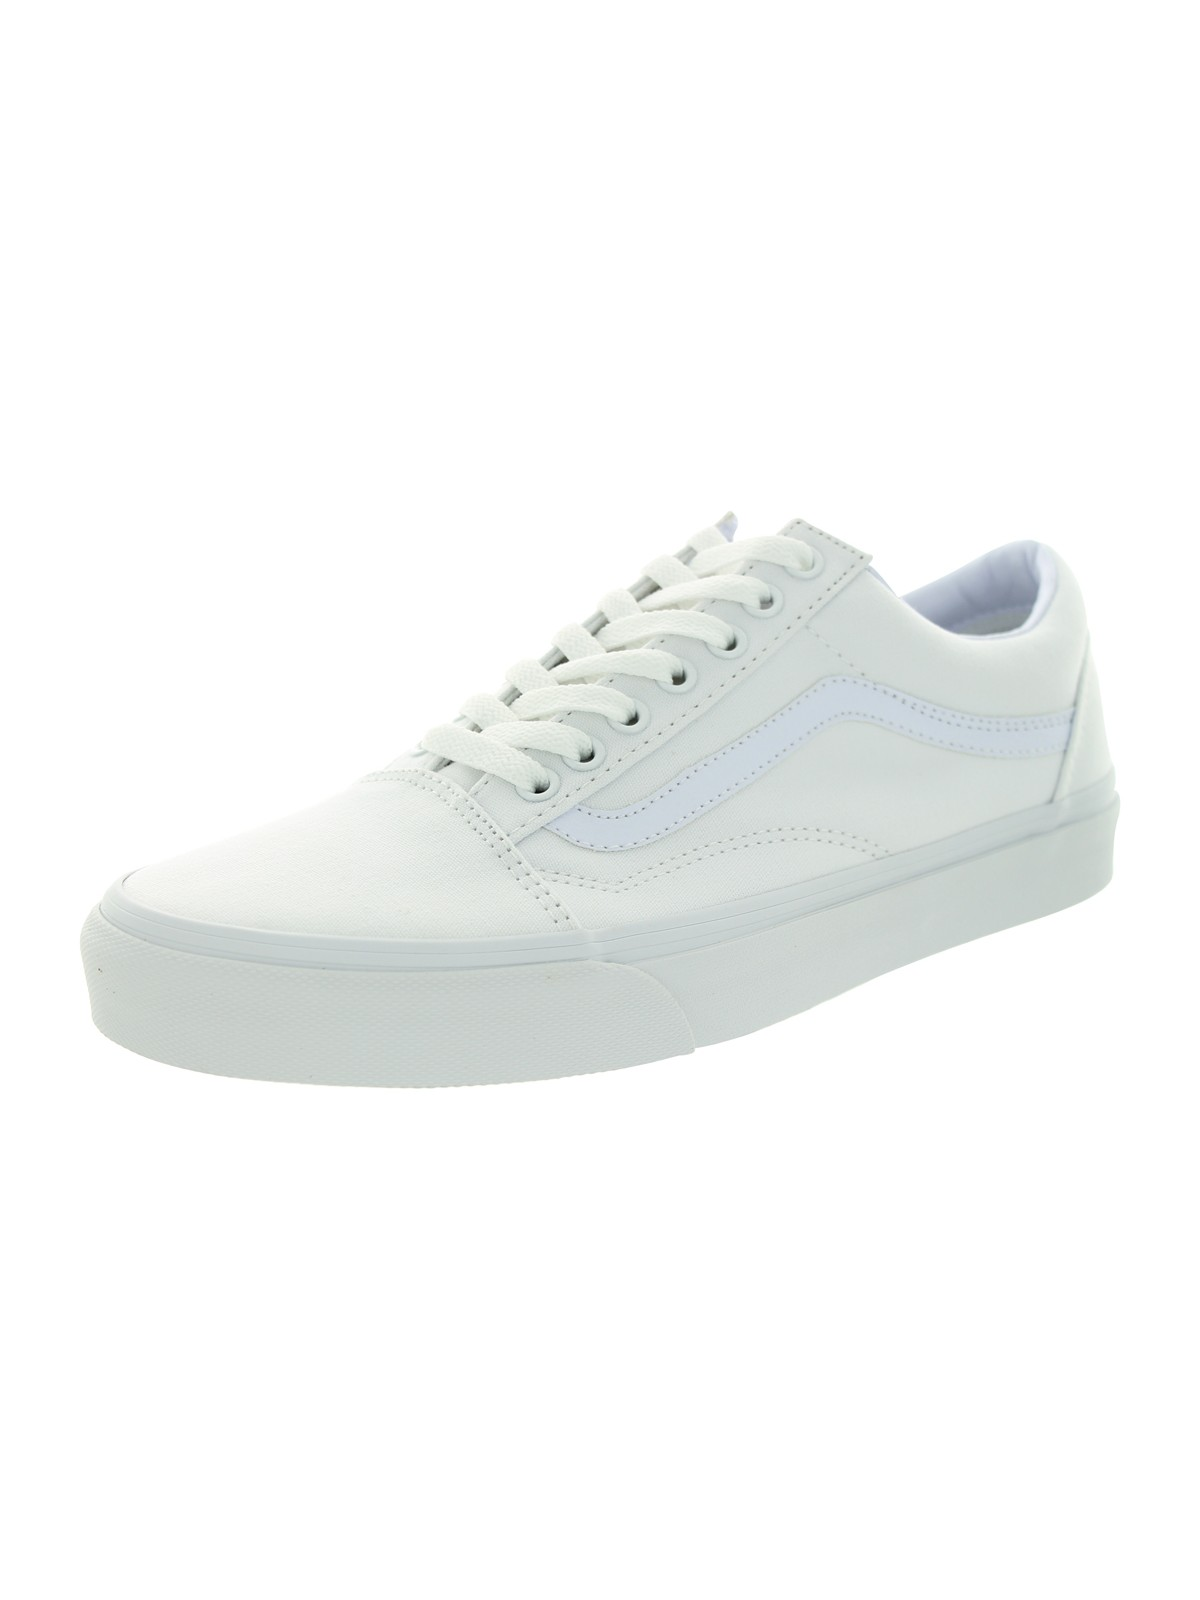 Vans Mens Canvas Casual Skate Shoes